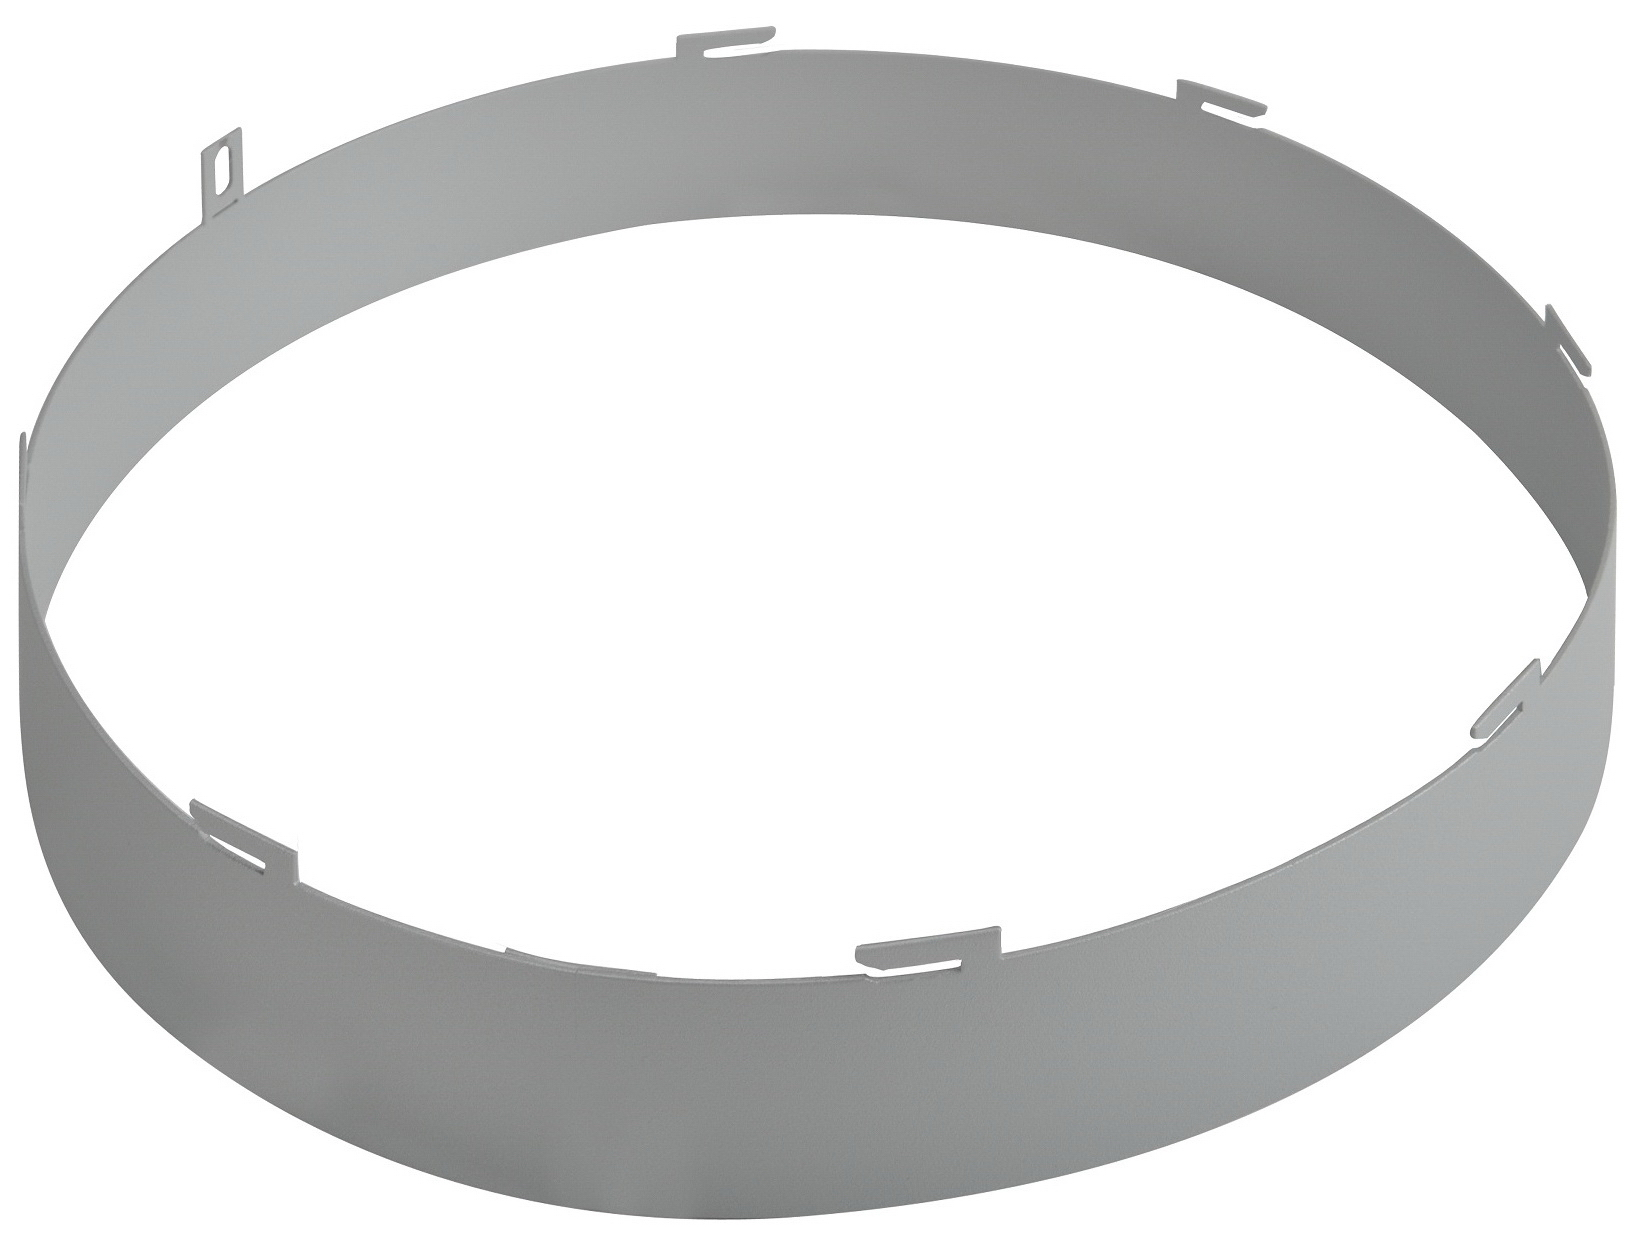 1 Stk Distanzteile für Rundo Round Ø 450 und 650mm LIH0000102